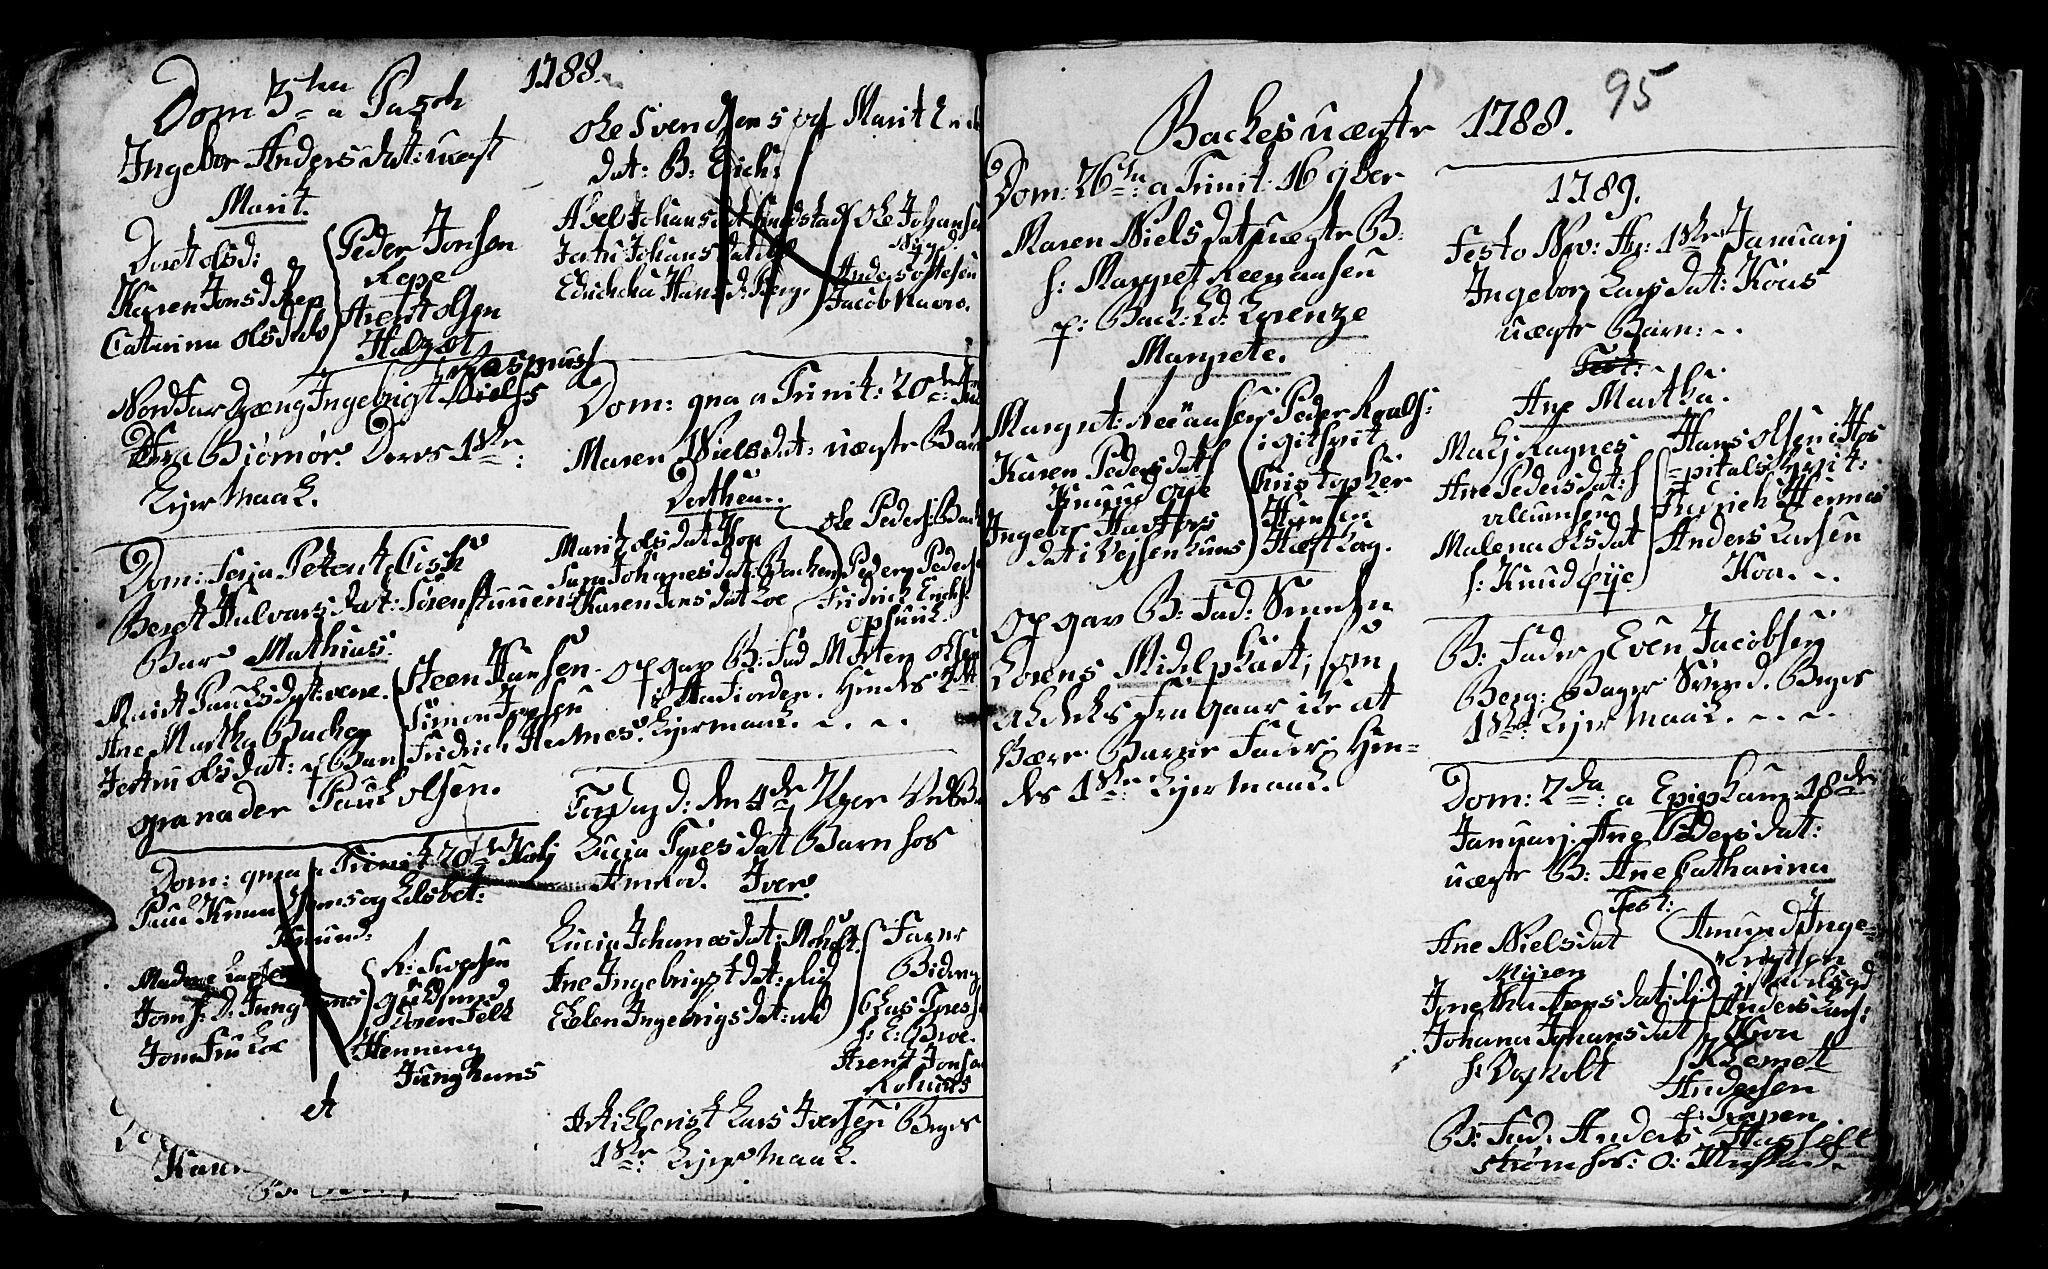 SAT, Ministerialprotokoller, klokkerbøker og fødselsregistre - Sør-Trøndelag, 604/L0218: Klokkerbok nr. 604C01, 1754-1819, s. 95